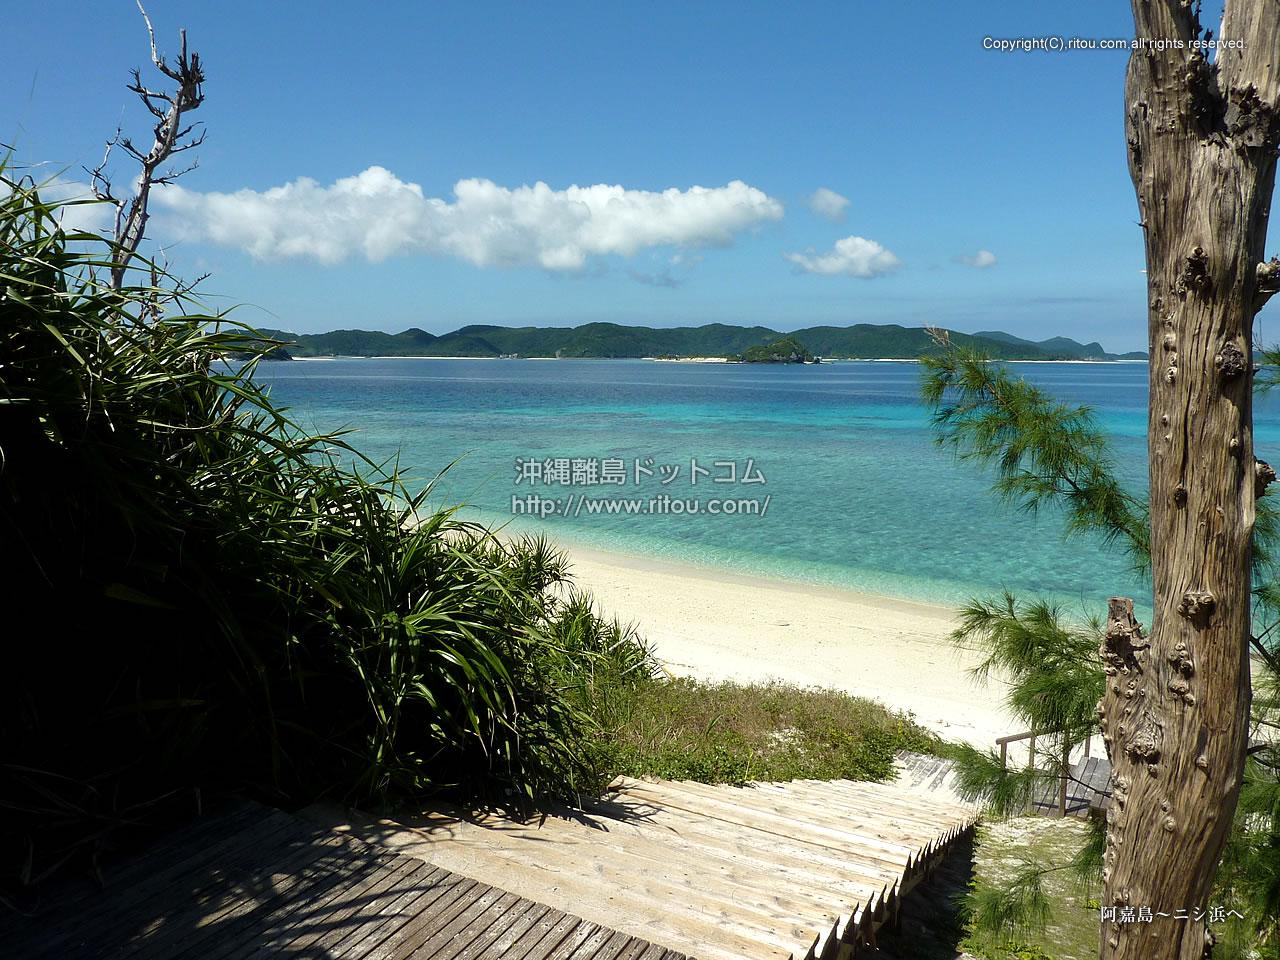 阿嘉島〜ニシ浜へ